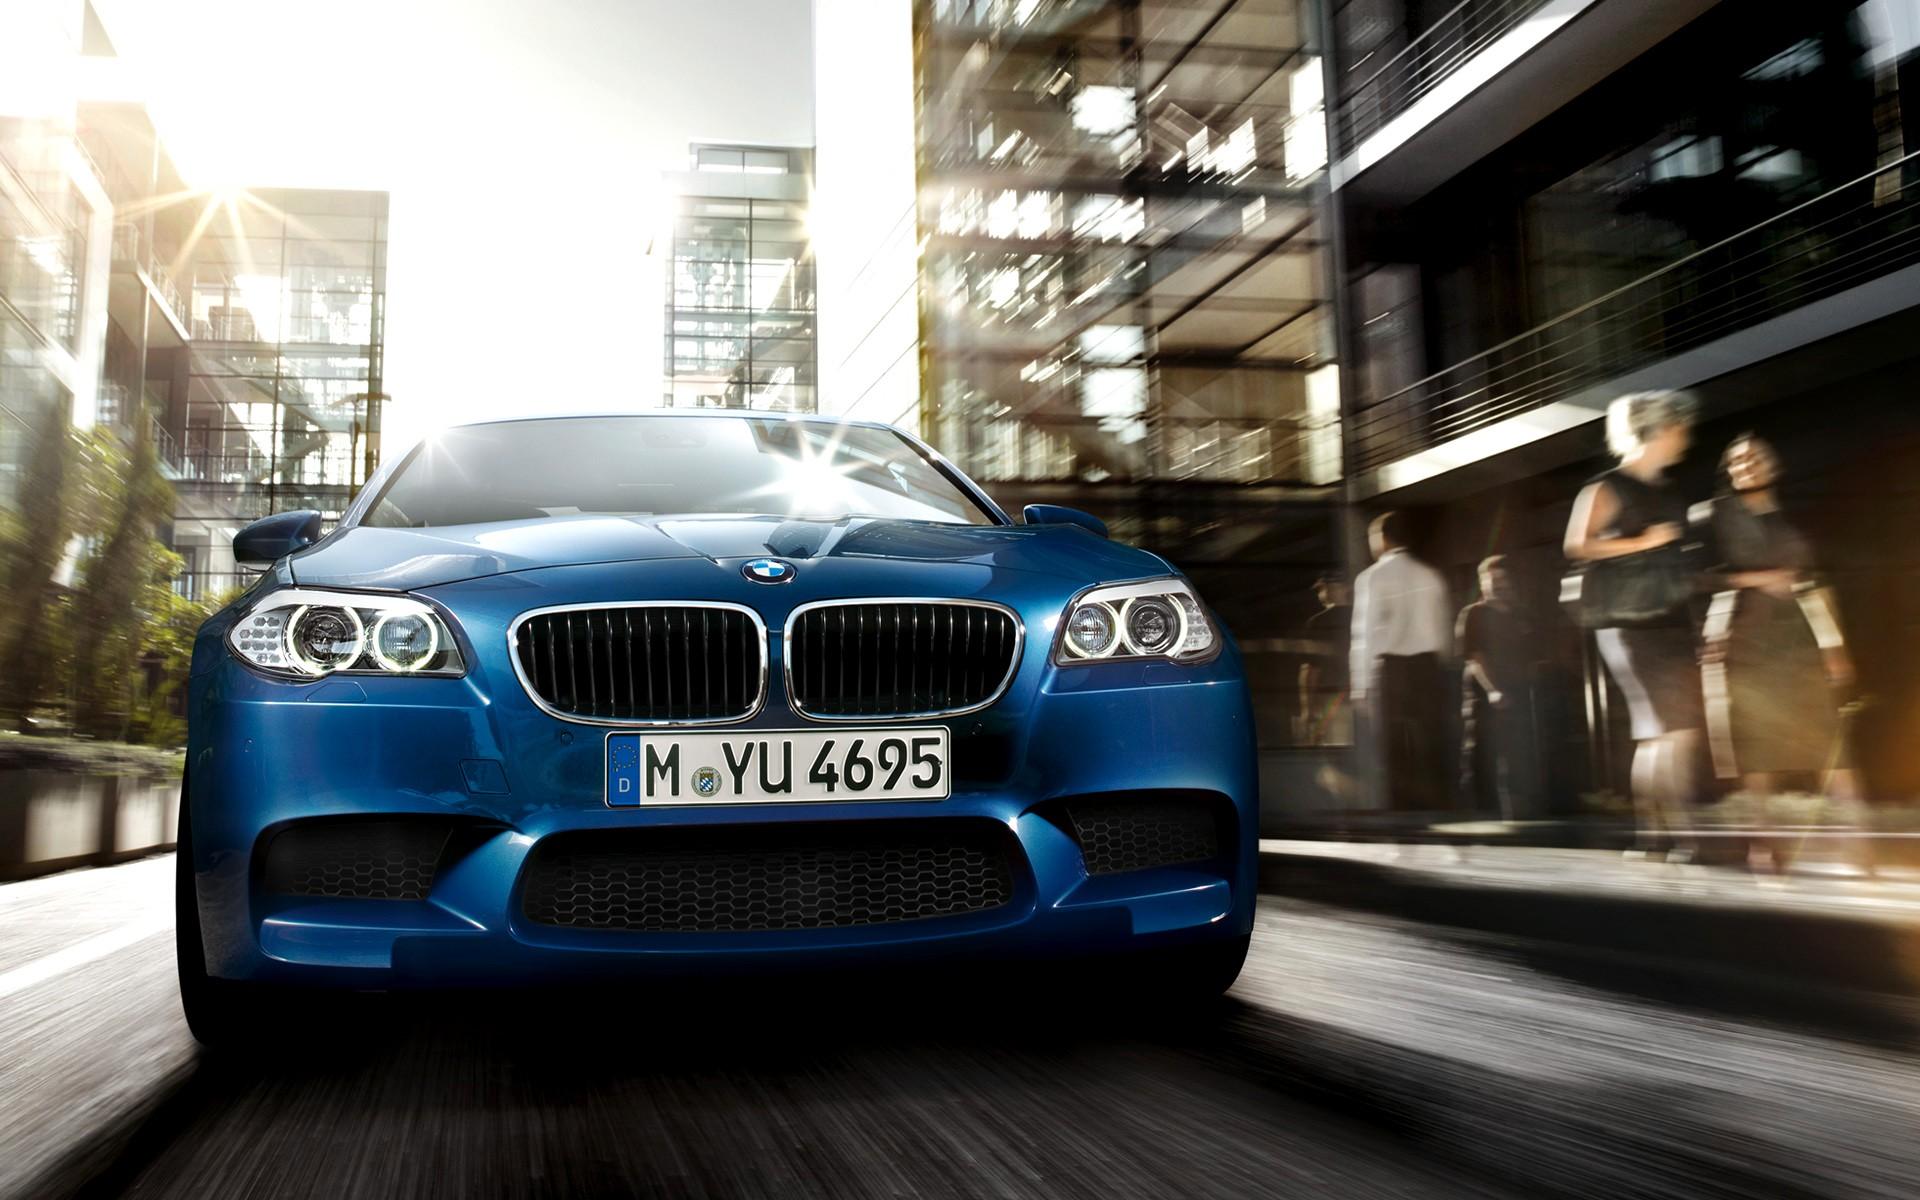 2012 BMW F10 M5 2 Wallpaper | HD Car Wallpapers | ID #2570